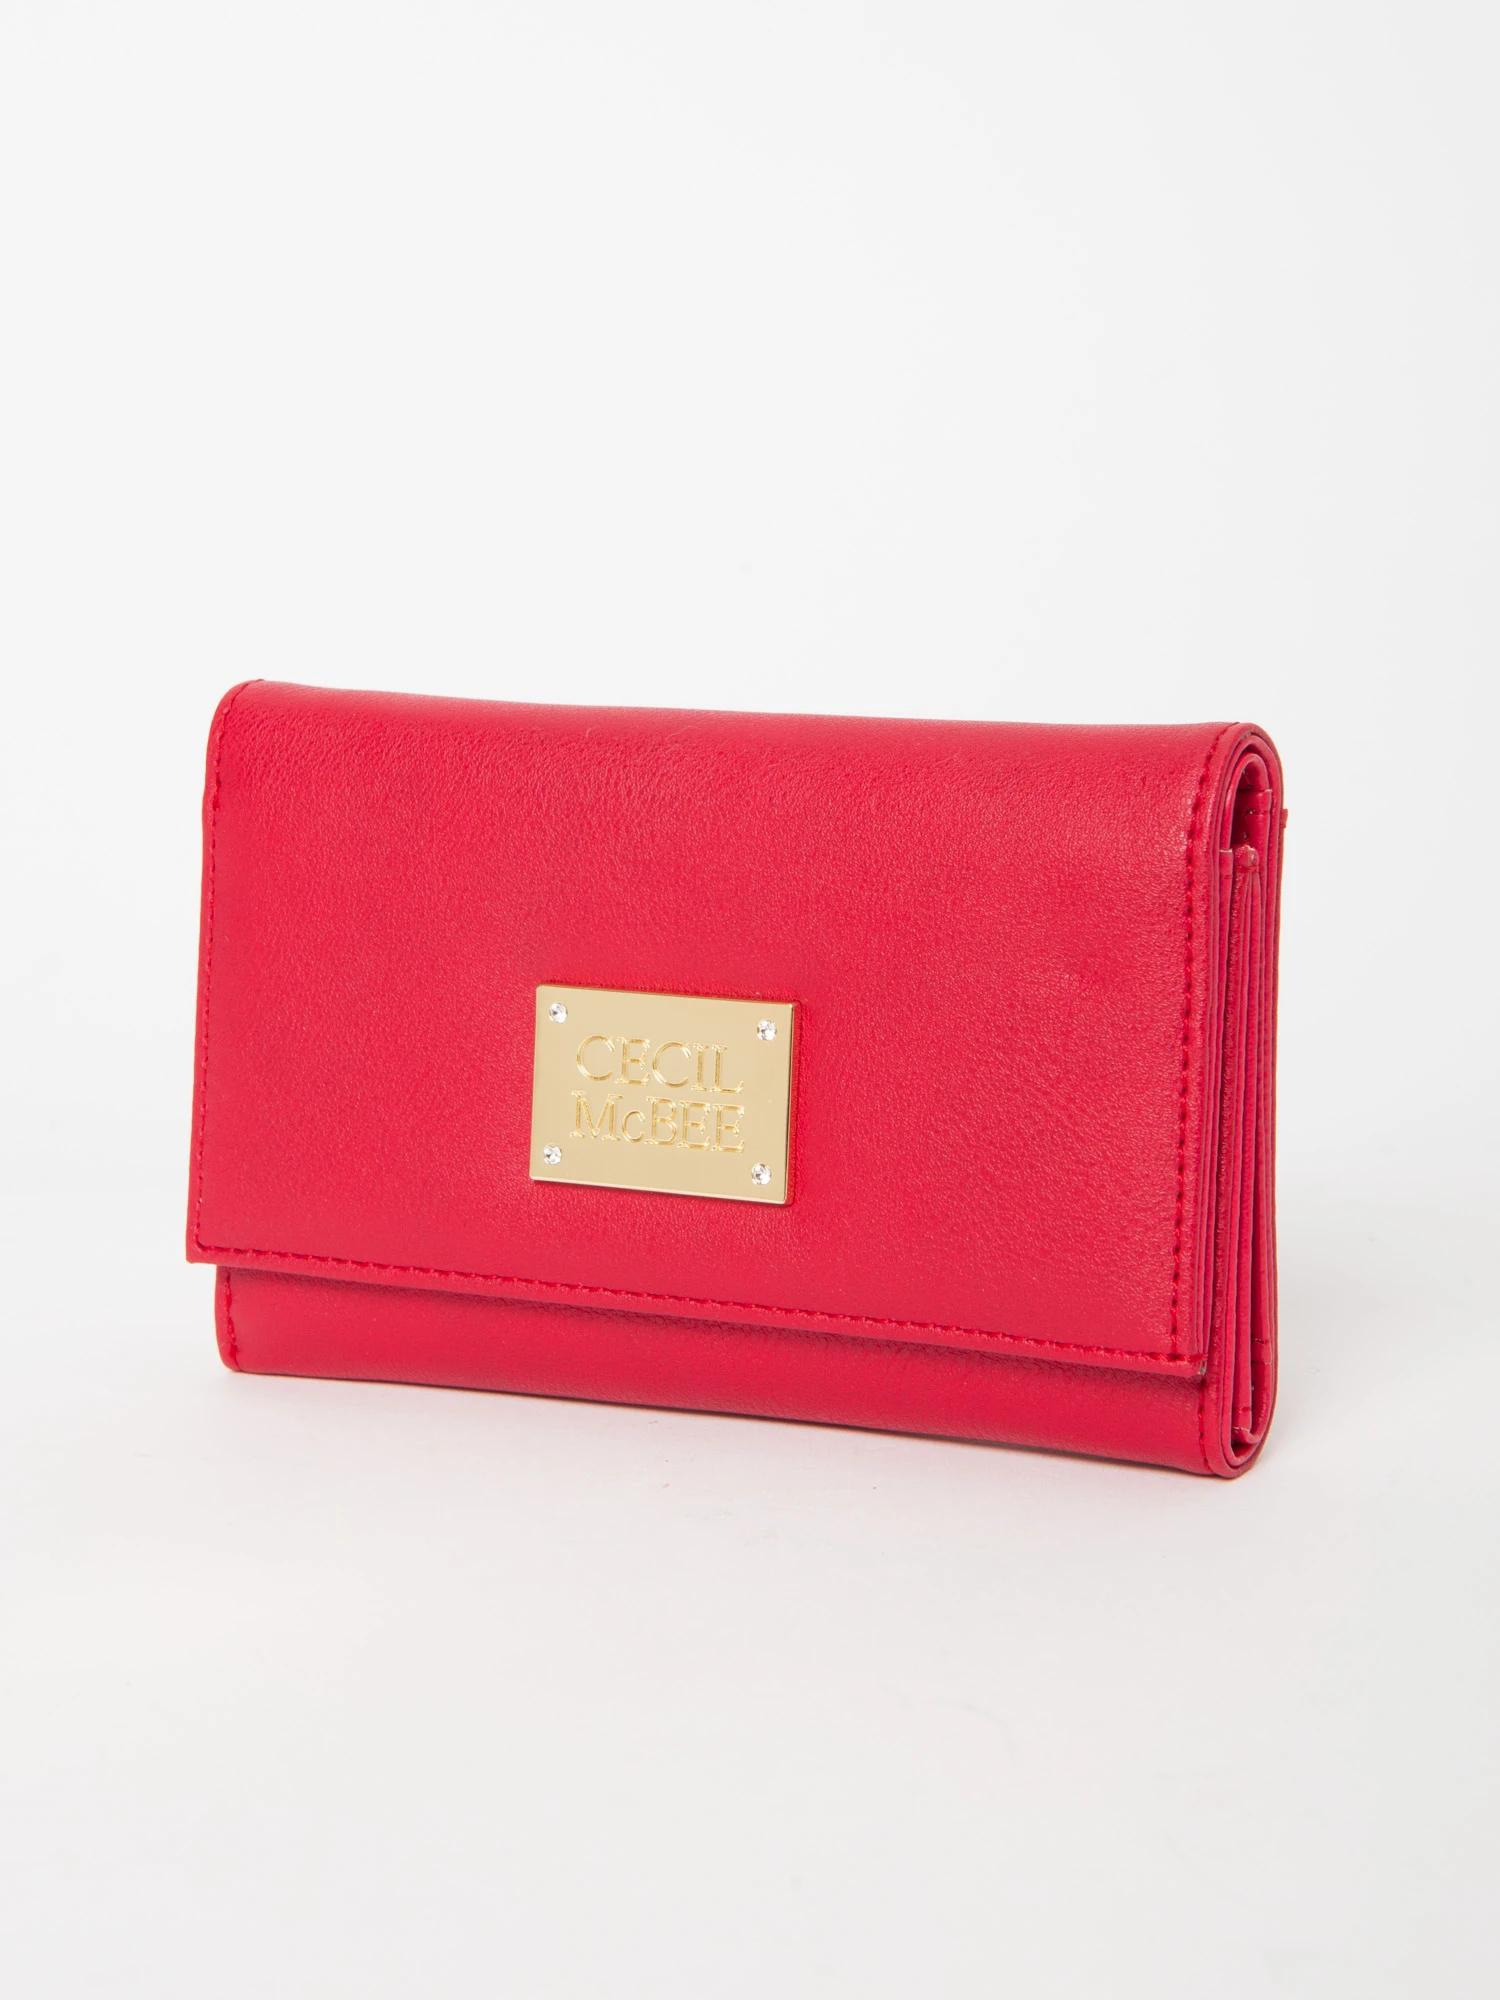 四角プレート三折り中財布